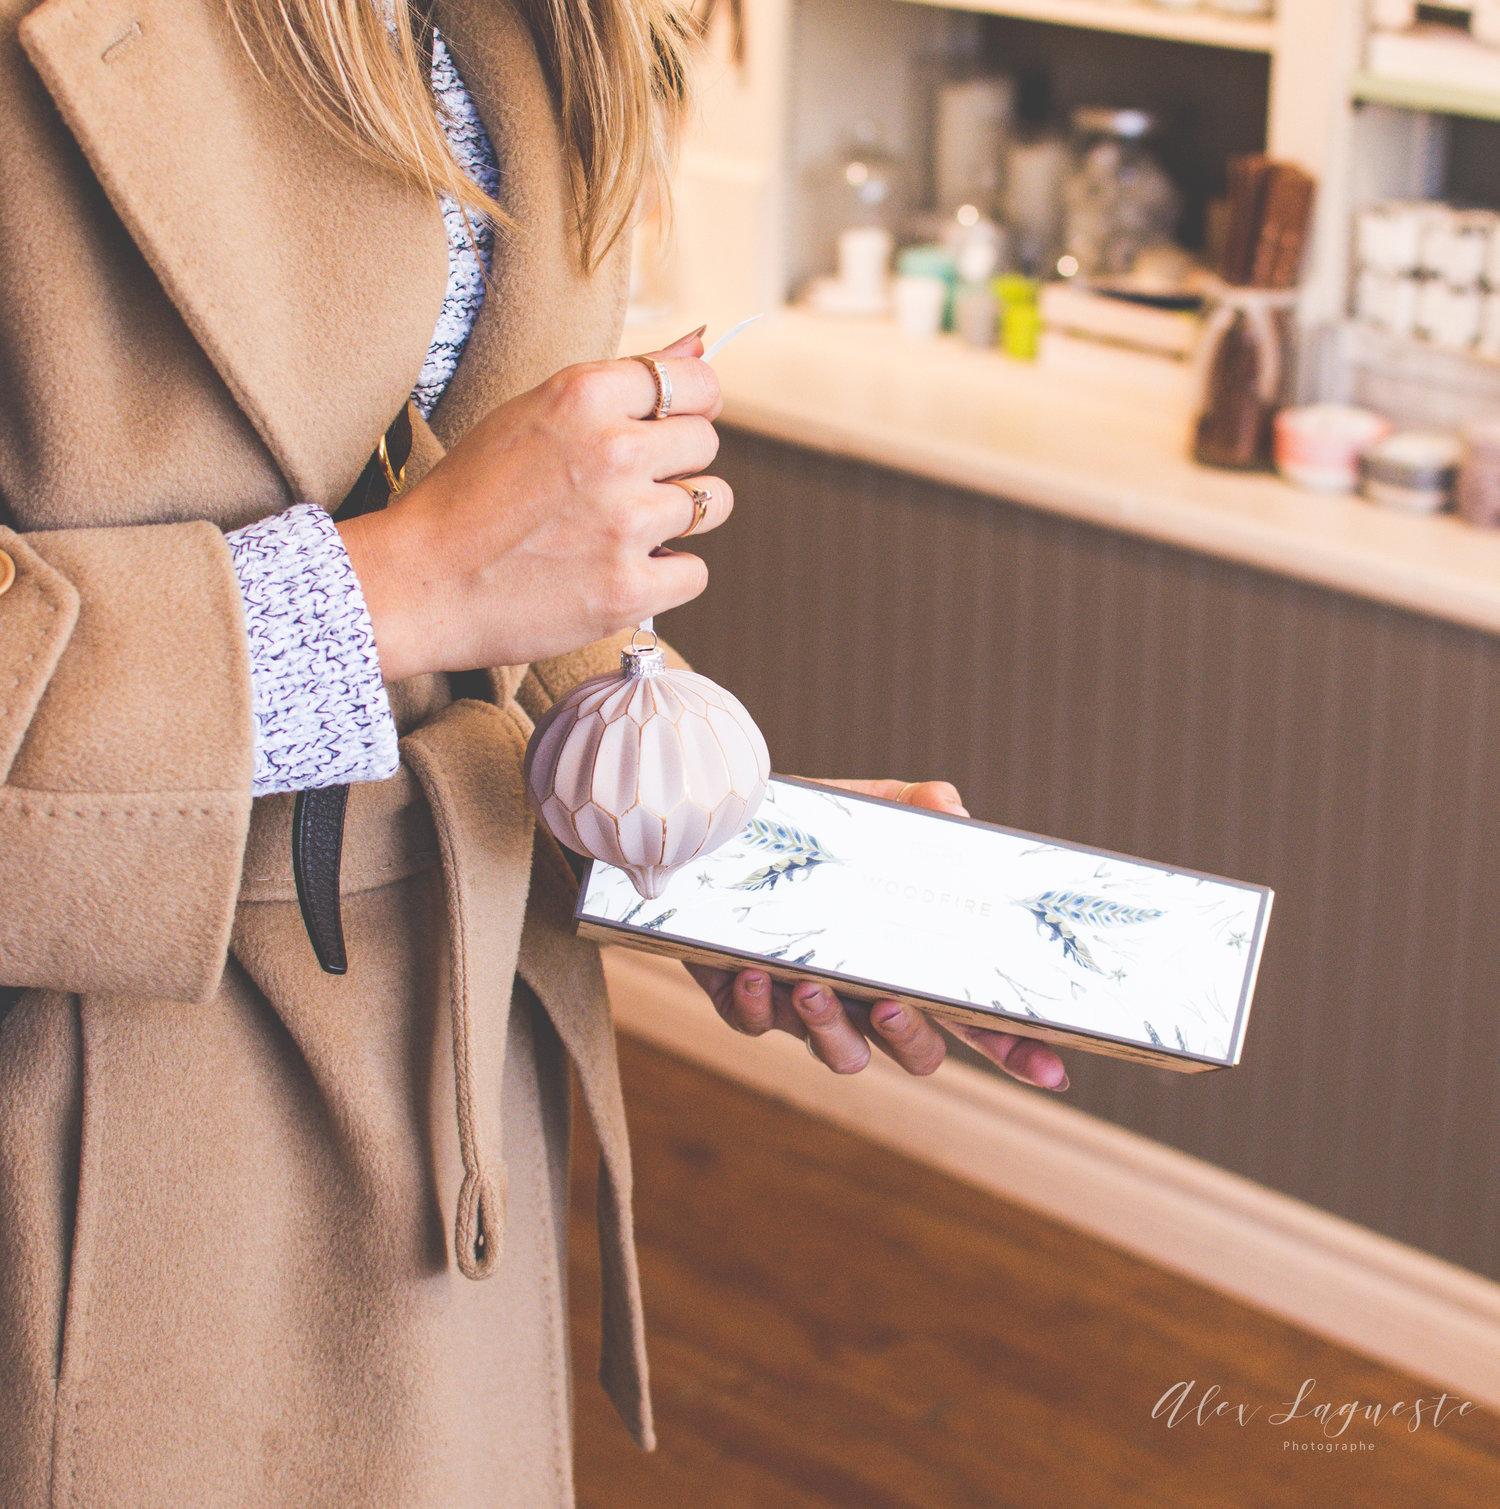 la bouticaire, boutique lifestyle, boutique saint-lambert, saint lambert, lifestyle blog